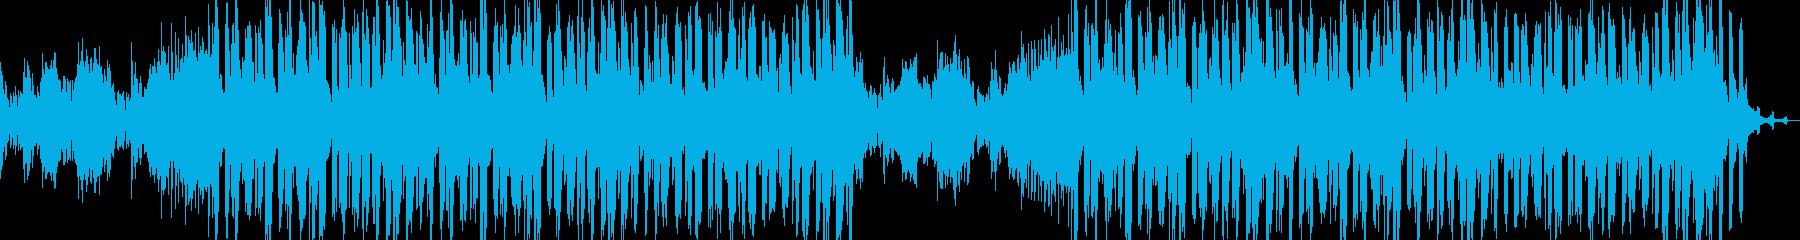 琴メイン 近来的で静かなBGMの再生済みの波形